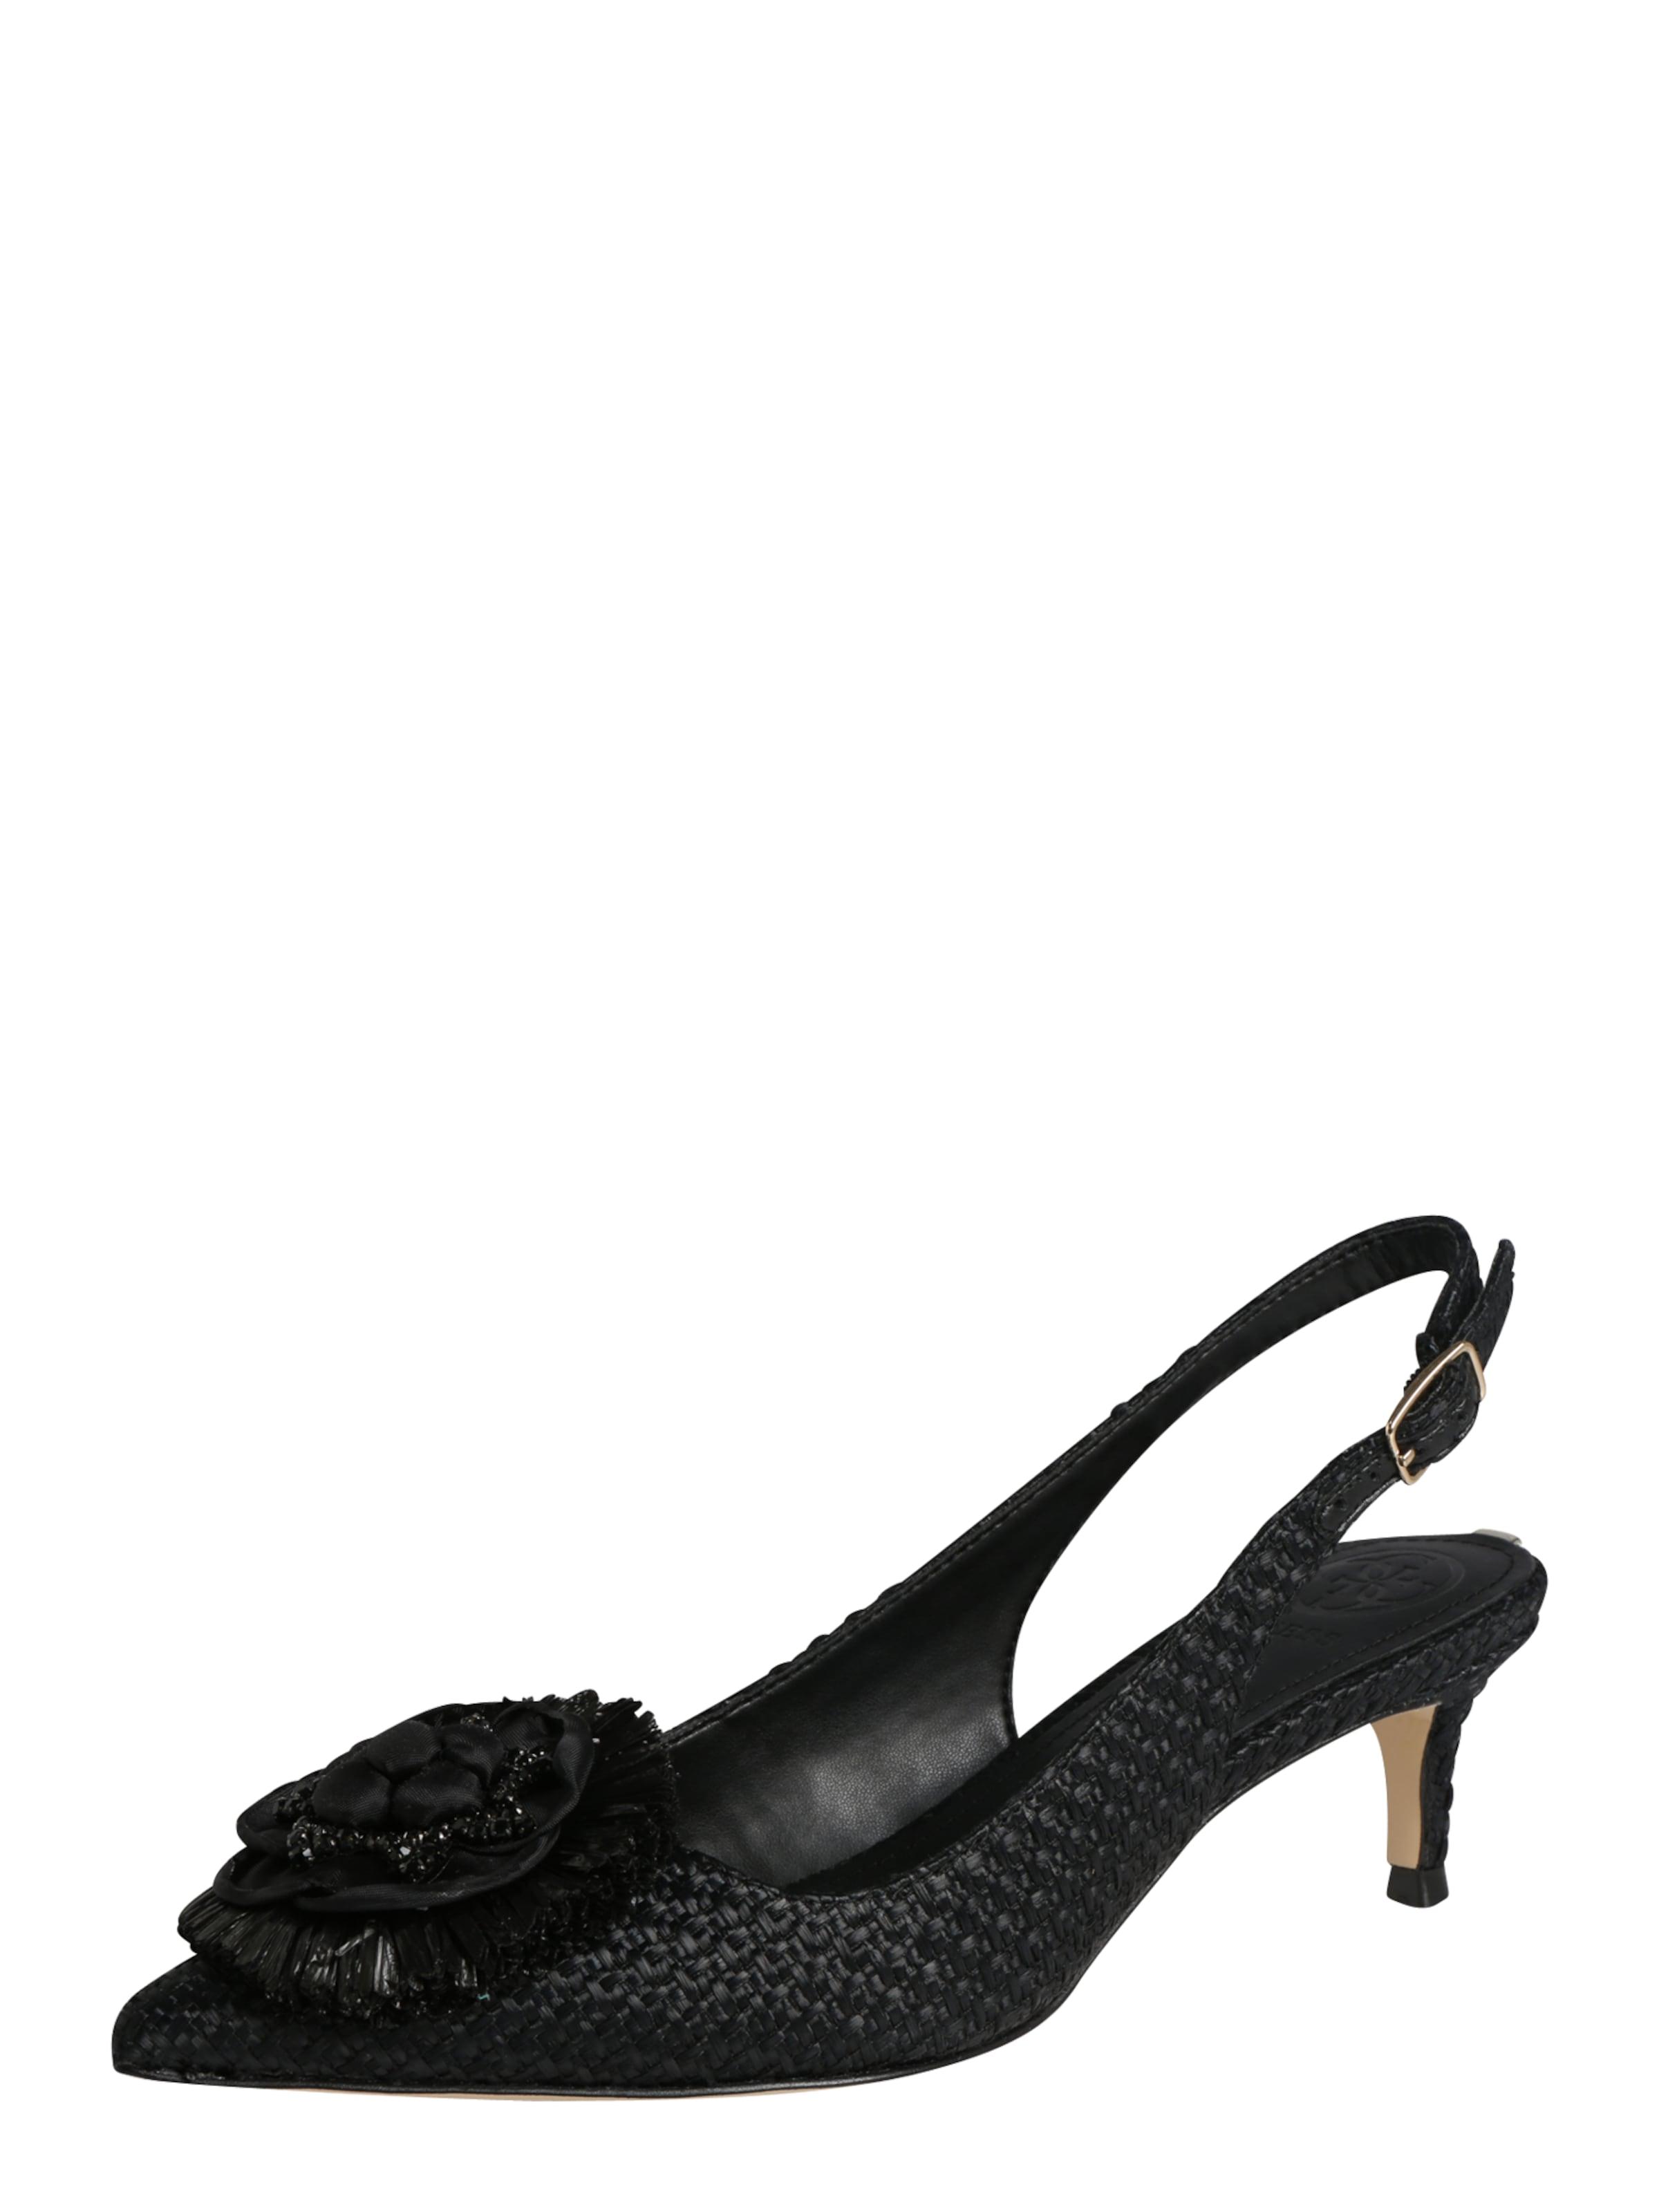 Haltbare Mode billige 'Daphni' Schuhe GUESS   Pumps 'Daphni' billige Schuhe Gut getragene Schuhe 68011f